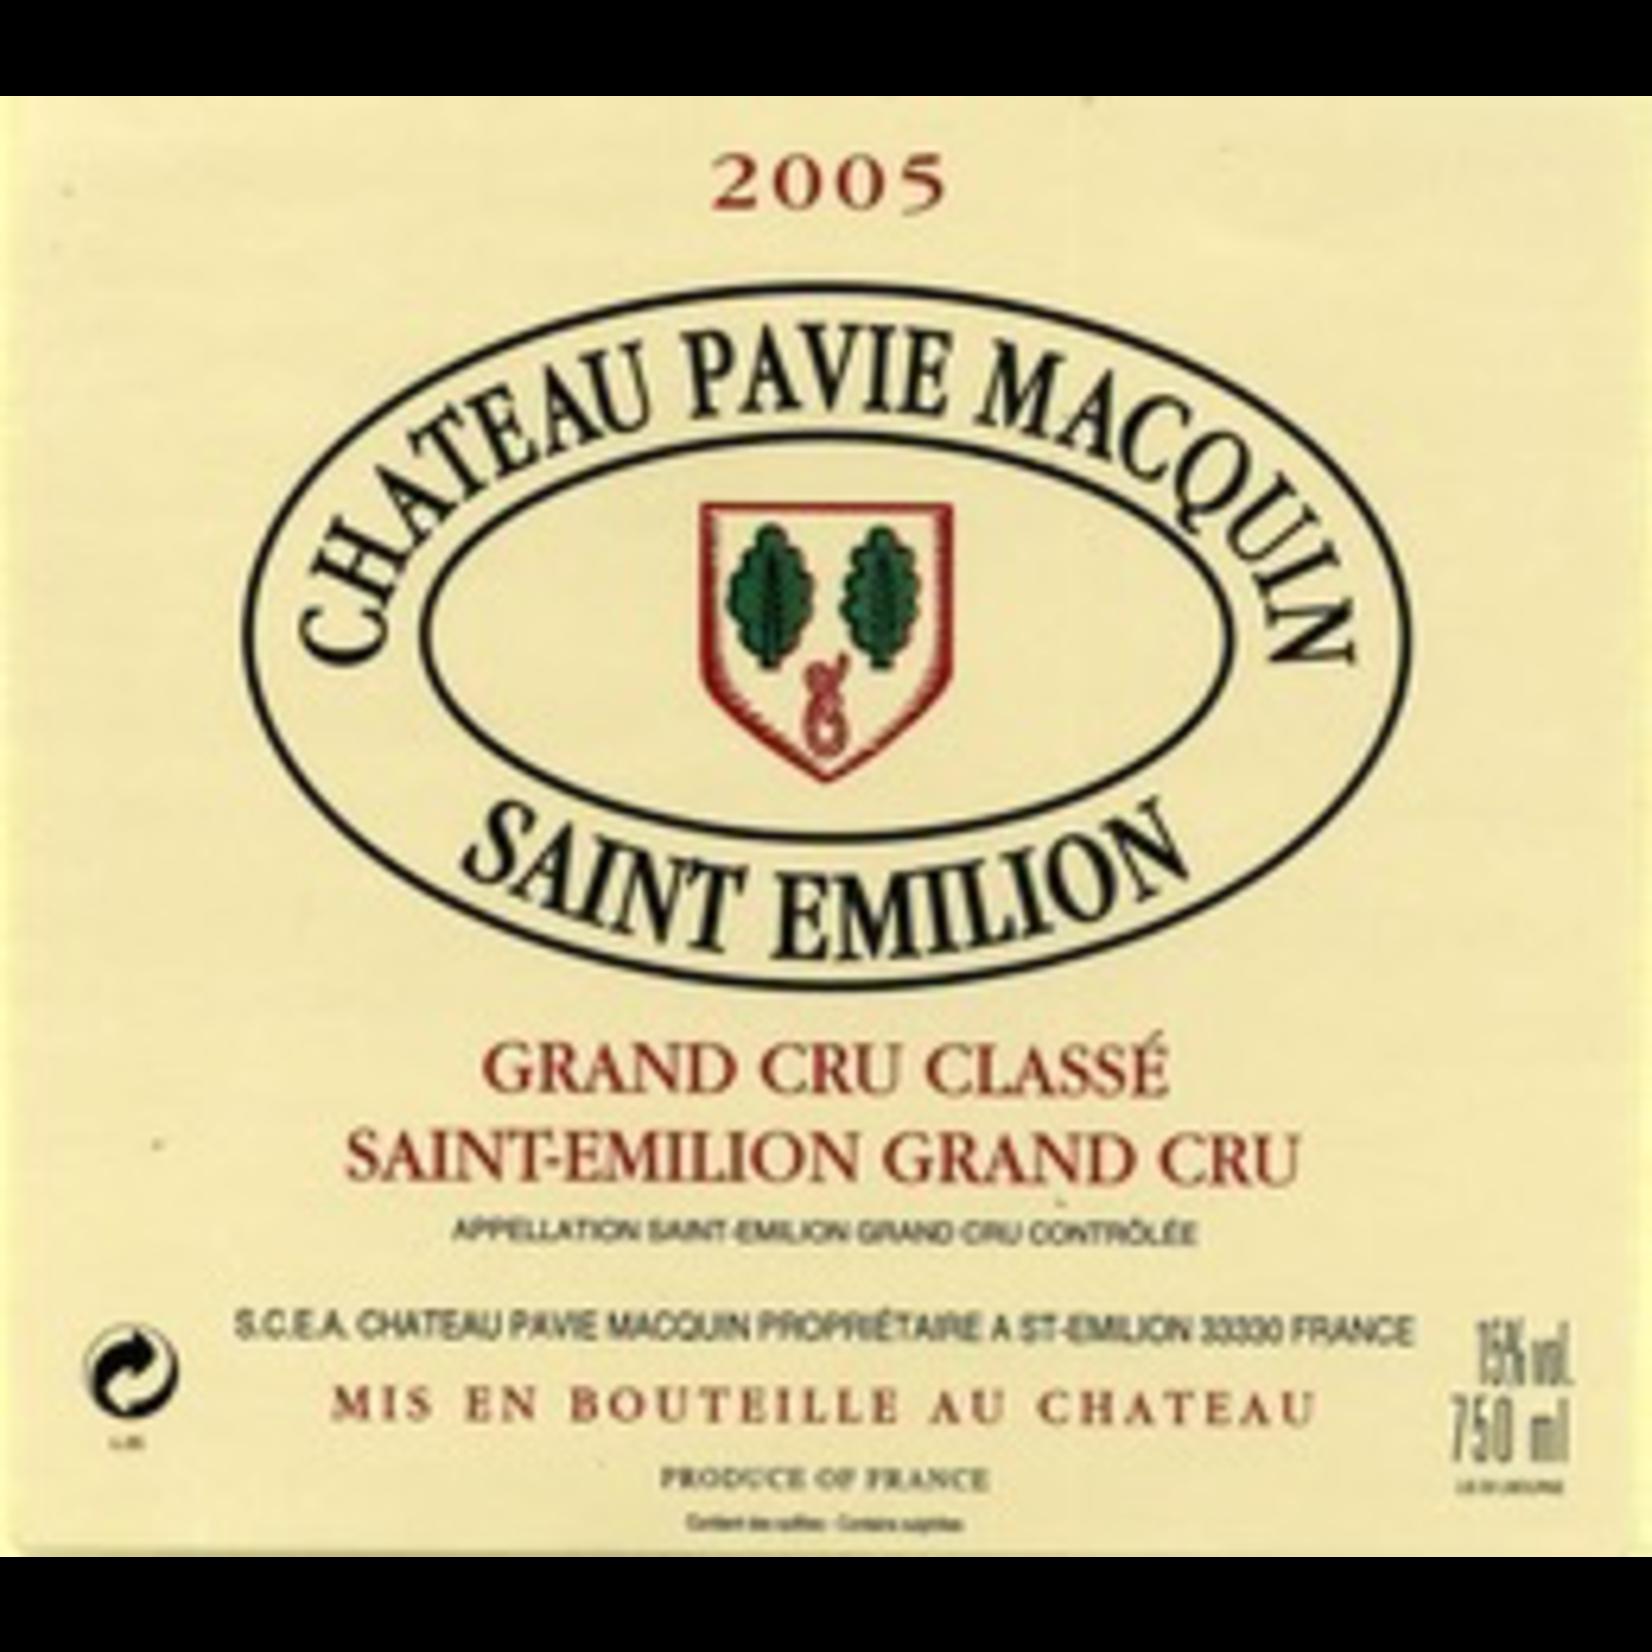 Wine Chateau Pavie-Macquin, Saint-Emilion Grand Cru Classe 2003